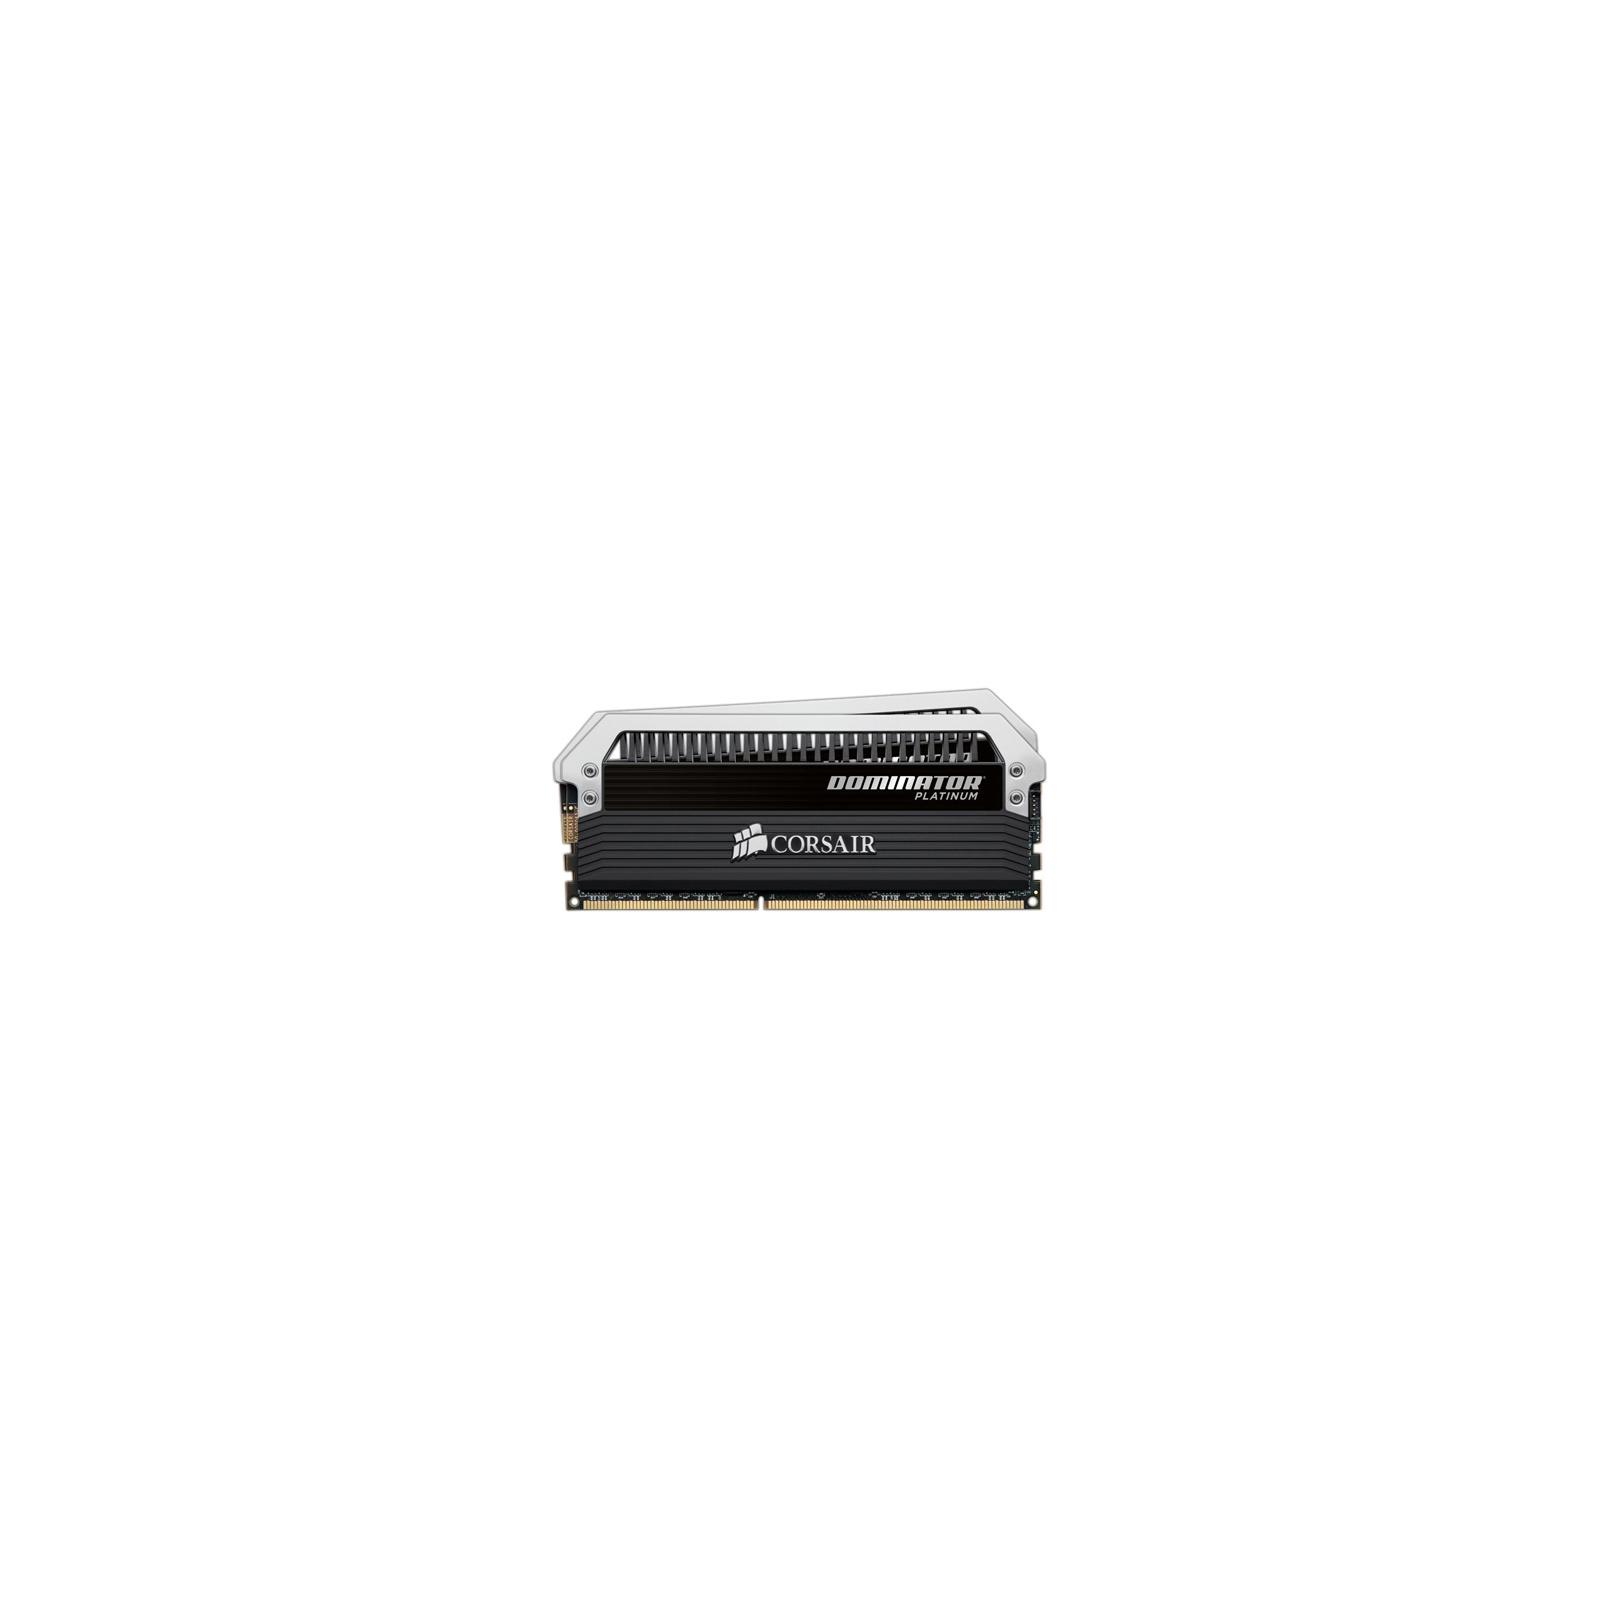 Модуль памяти для компьютера DDR3 16GB (2x8GB) 2400 MHz CORSAIR (CMD16GX3M2A2400C10)